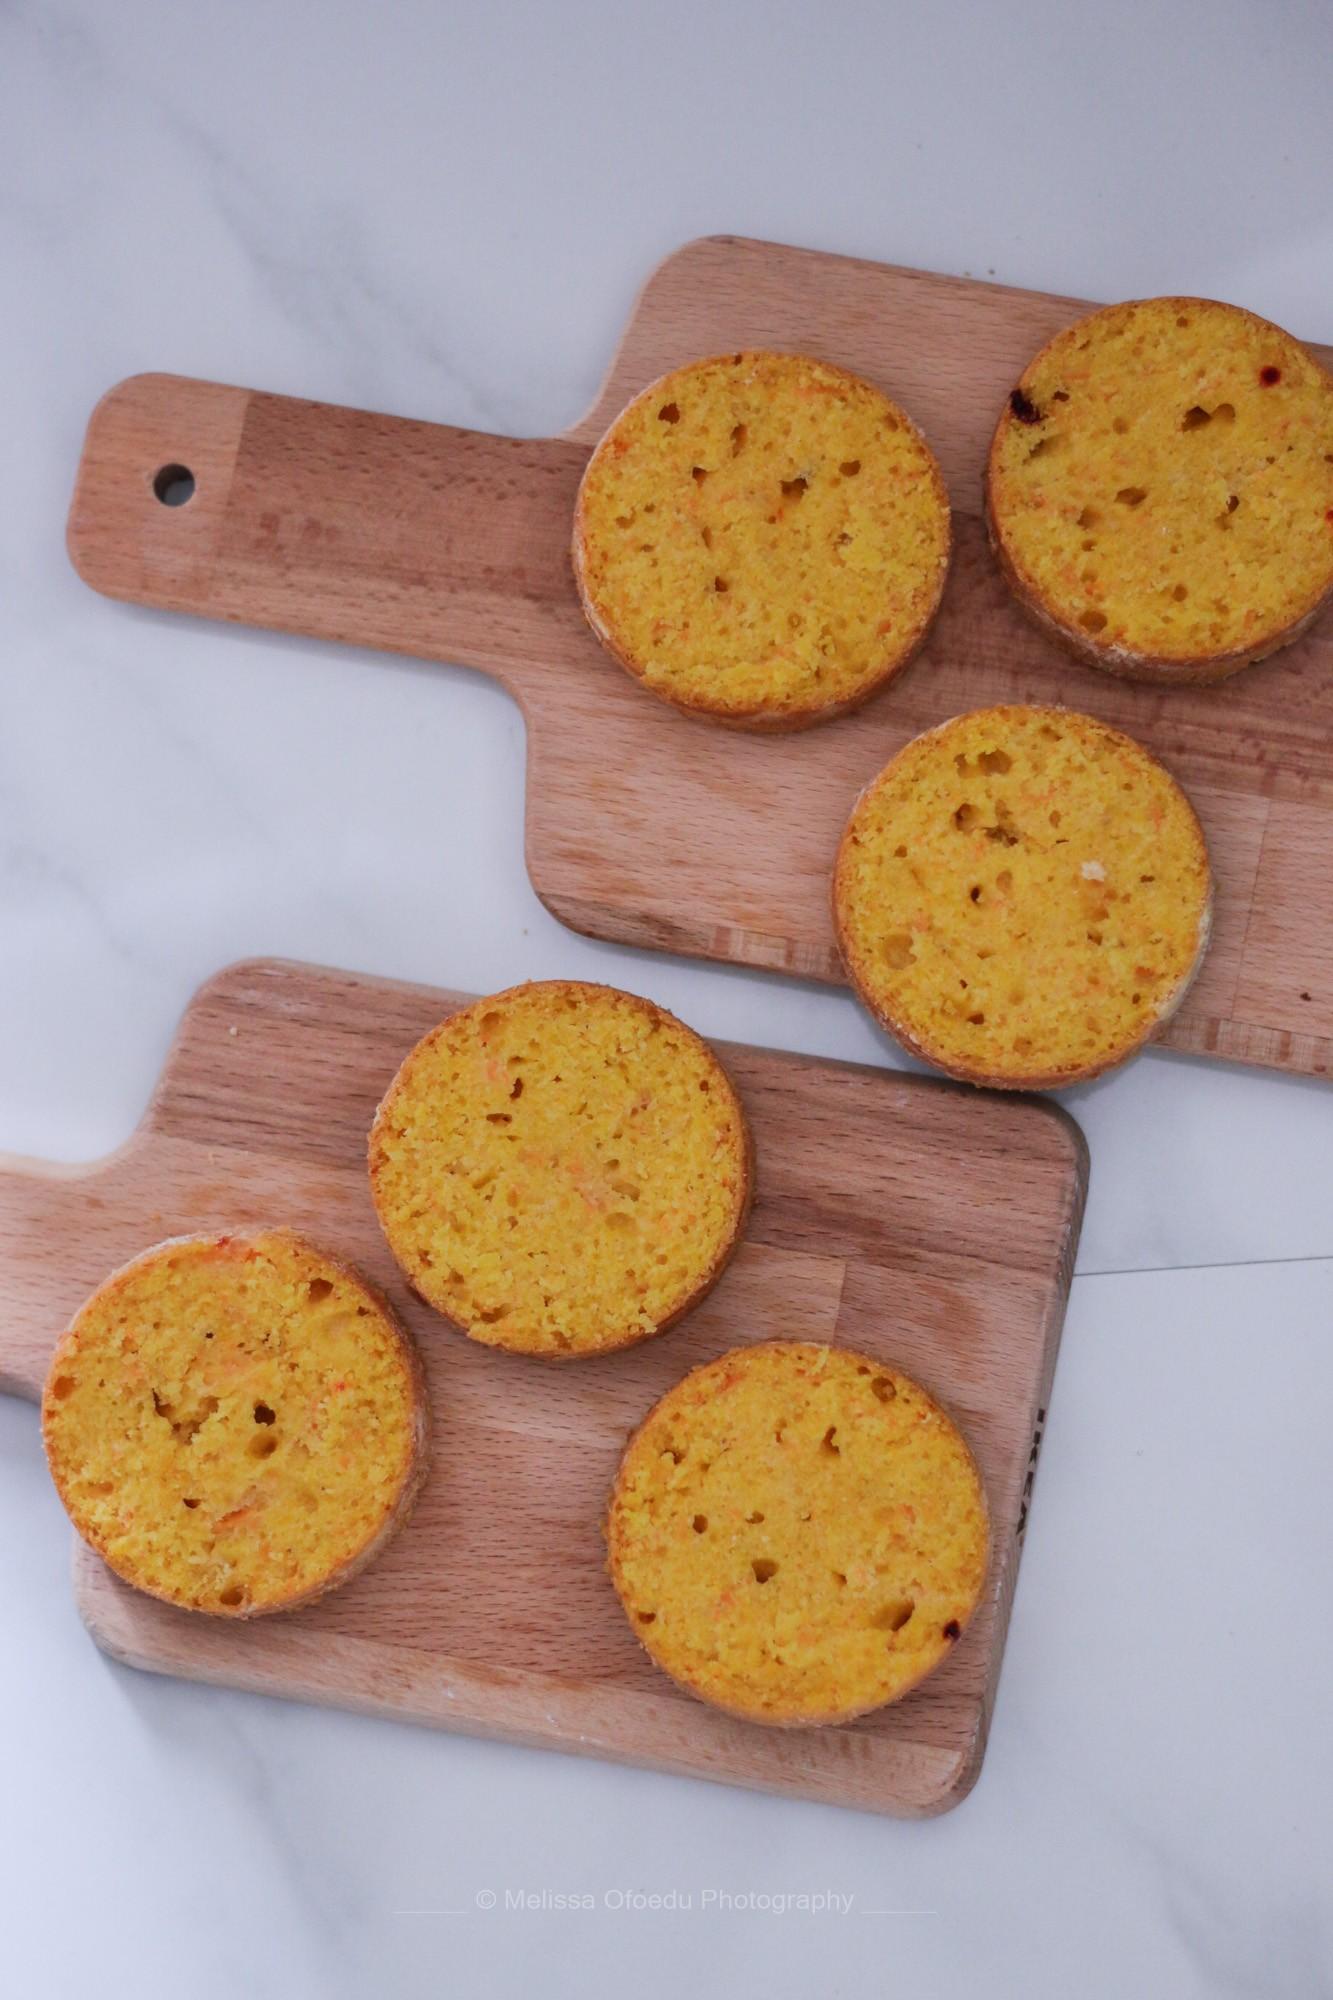 pumpkin-spice-cake-with-blackberrycream-melissa-ofoedu-photography-2-von-1